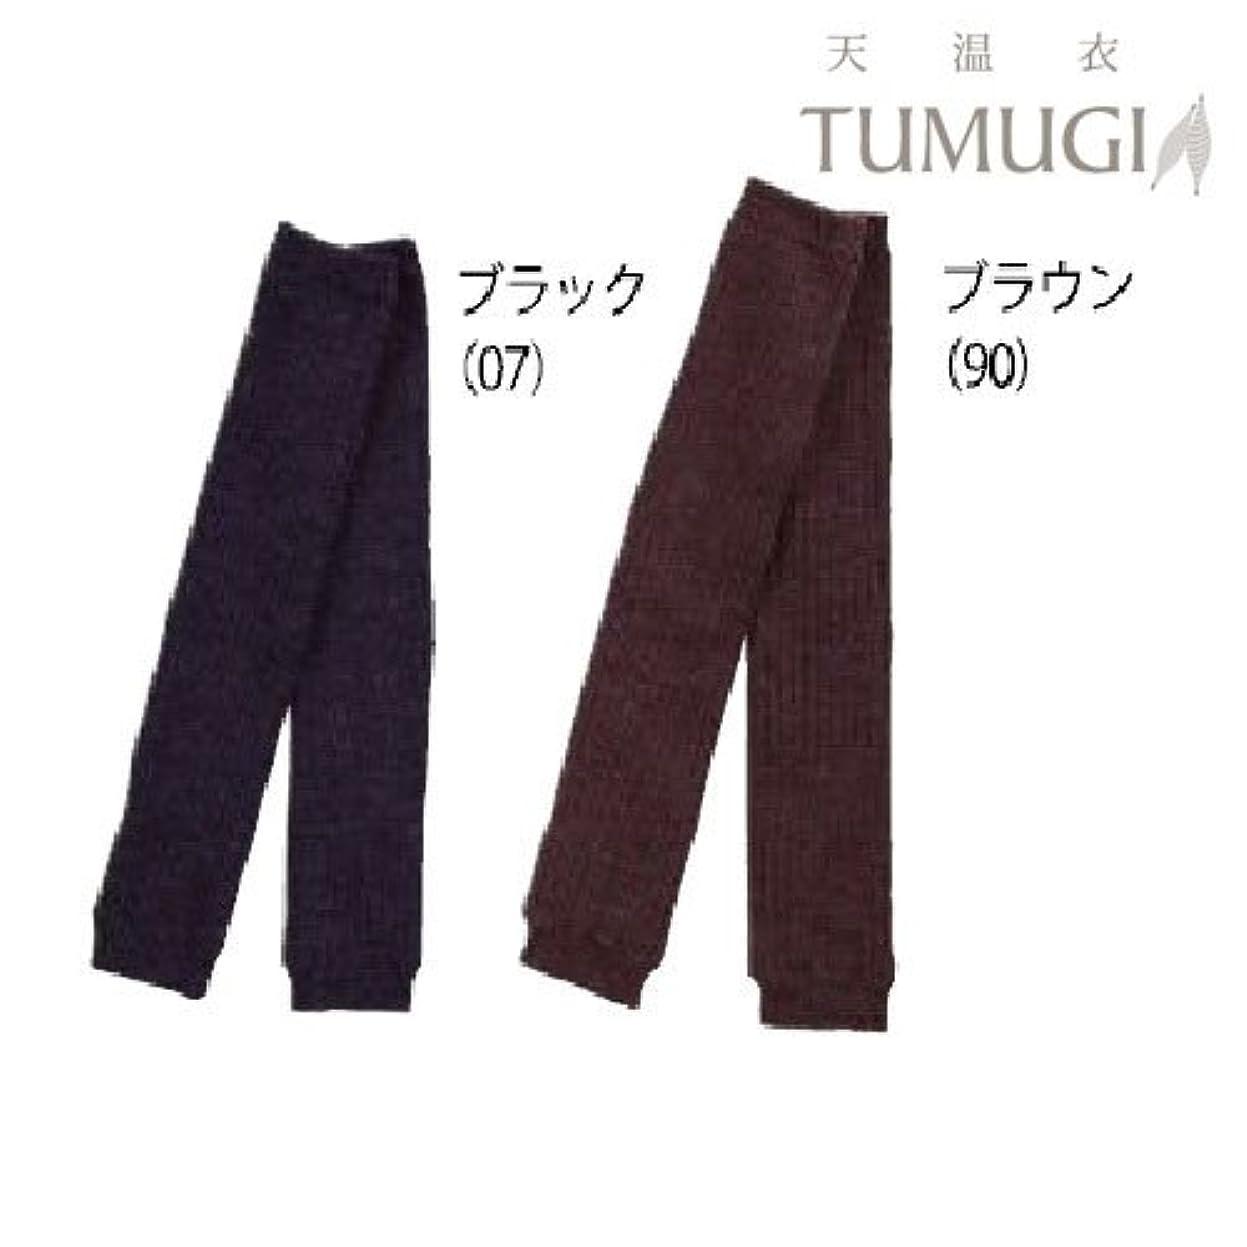 ピニオン入口姿を消す天温衣TUMUGI  ウールとシルクの2重編みレッグウォーマー (ブラウン(茶))